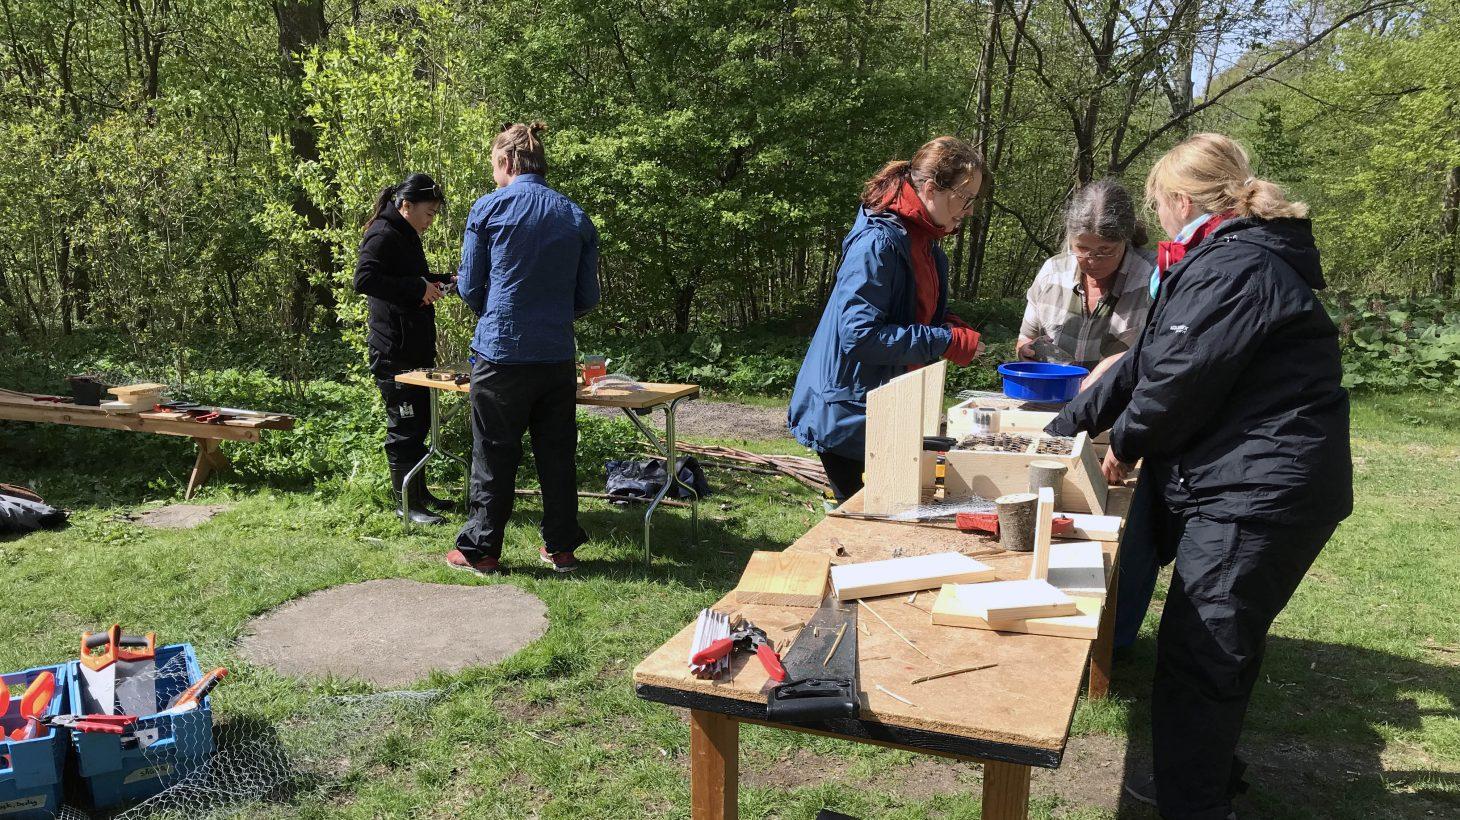 Fem personer bygger fågelholkar utomhus.